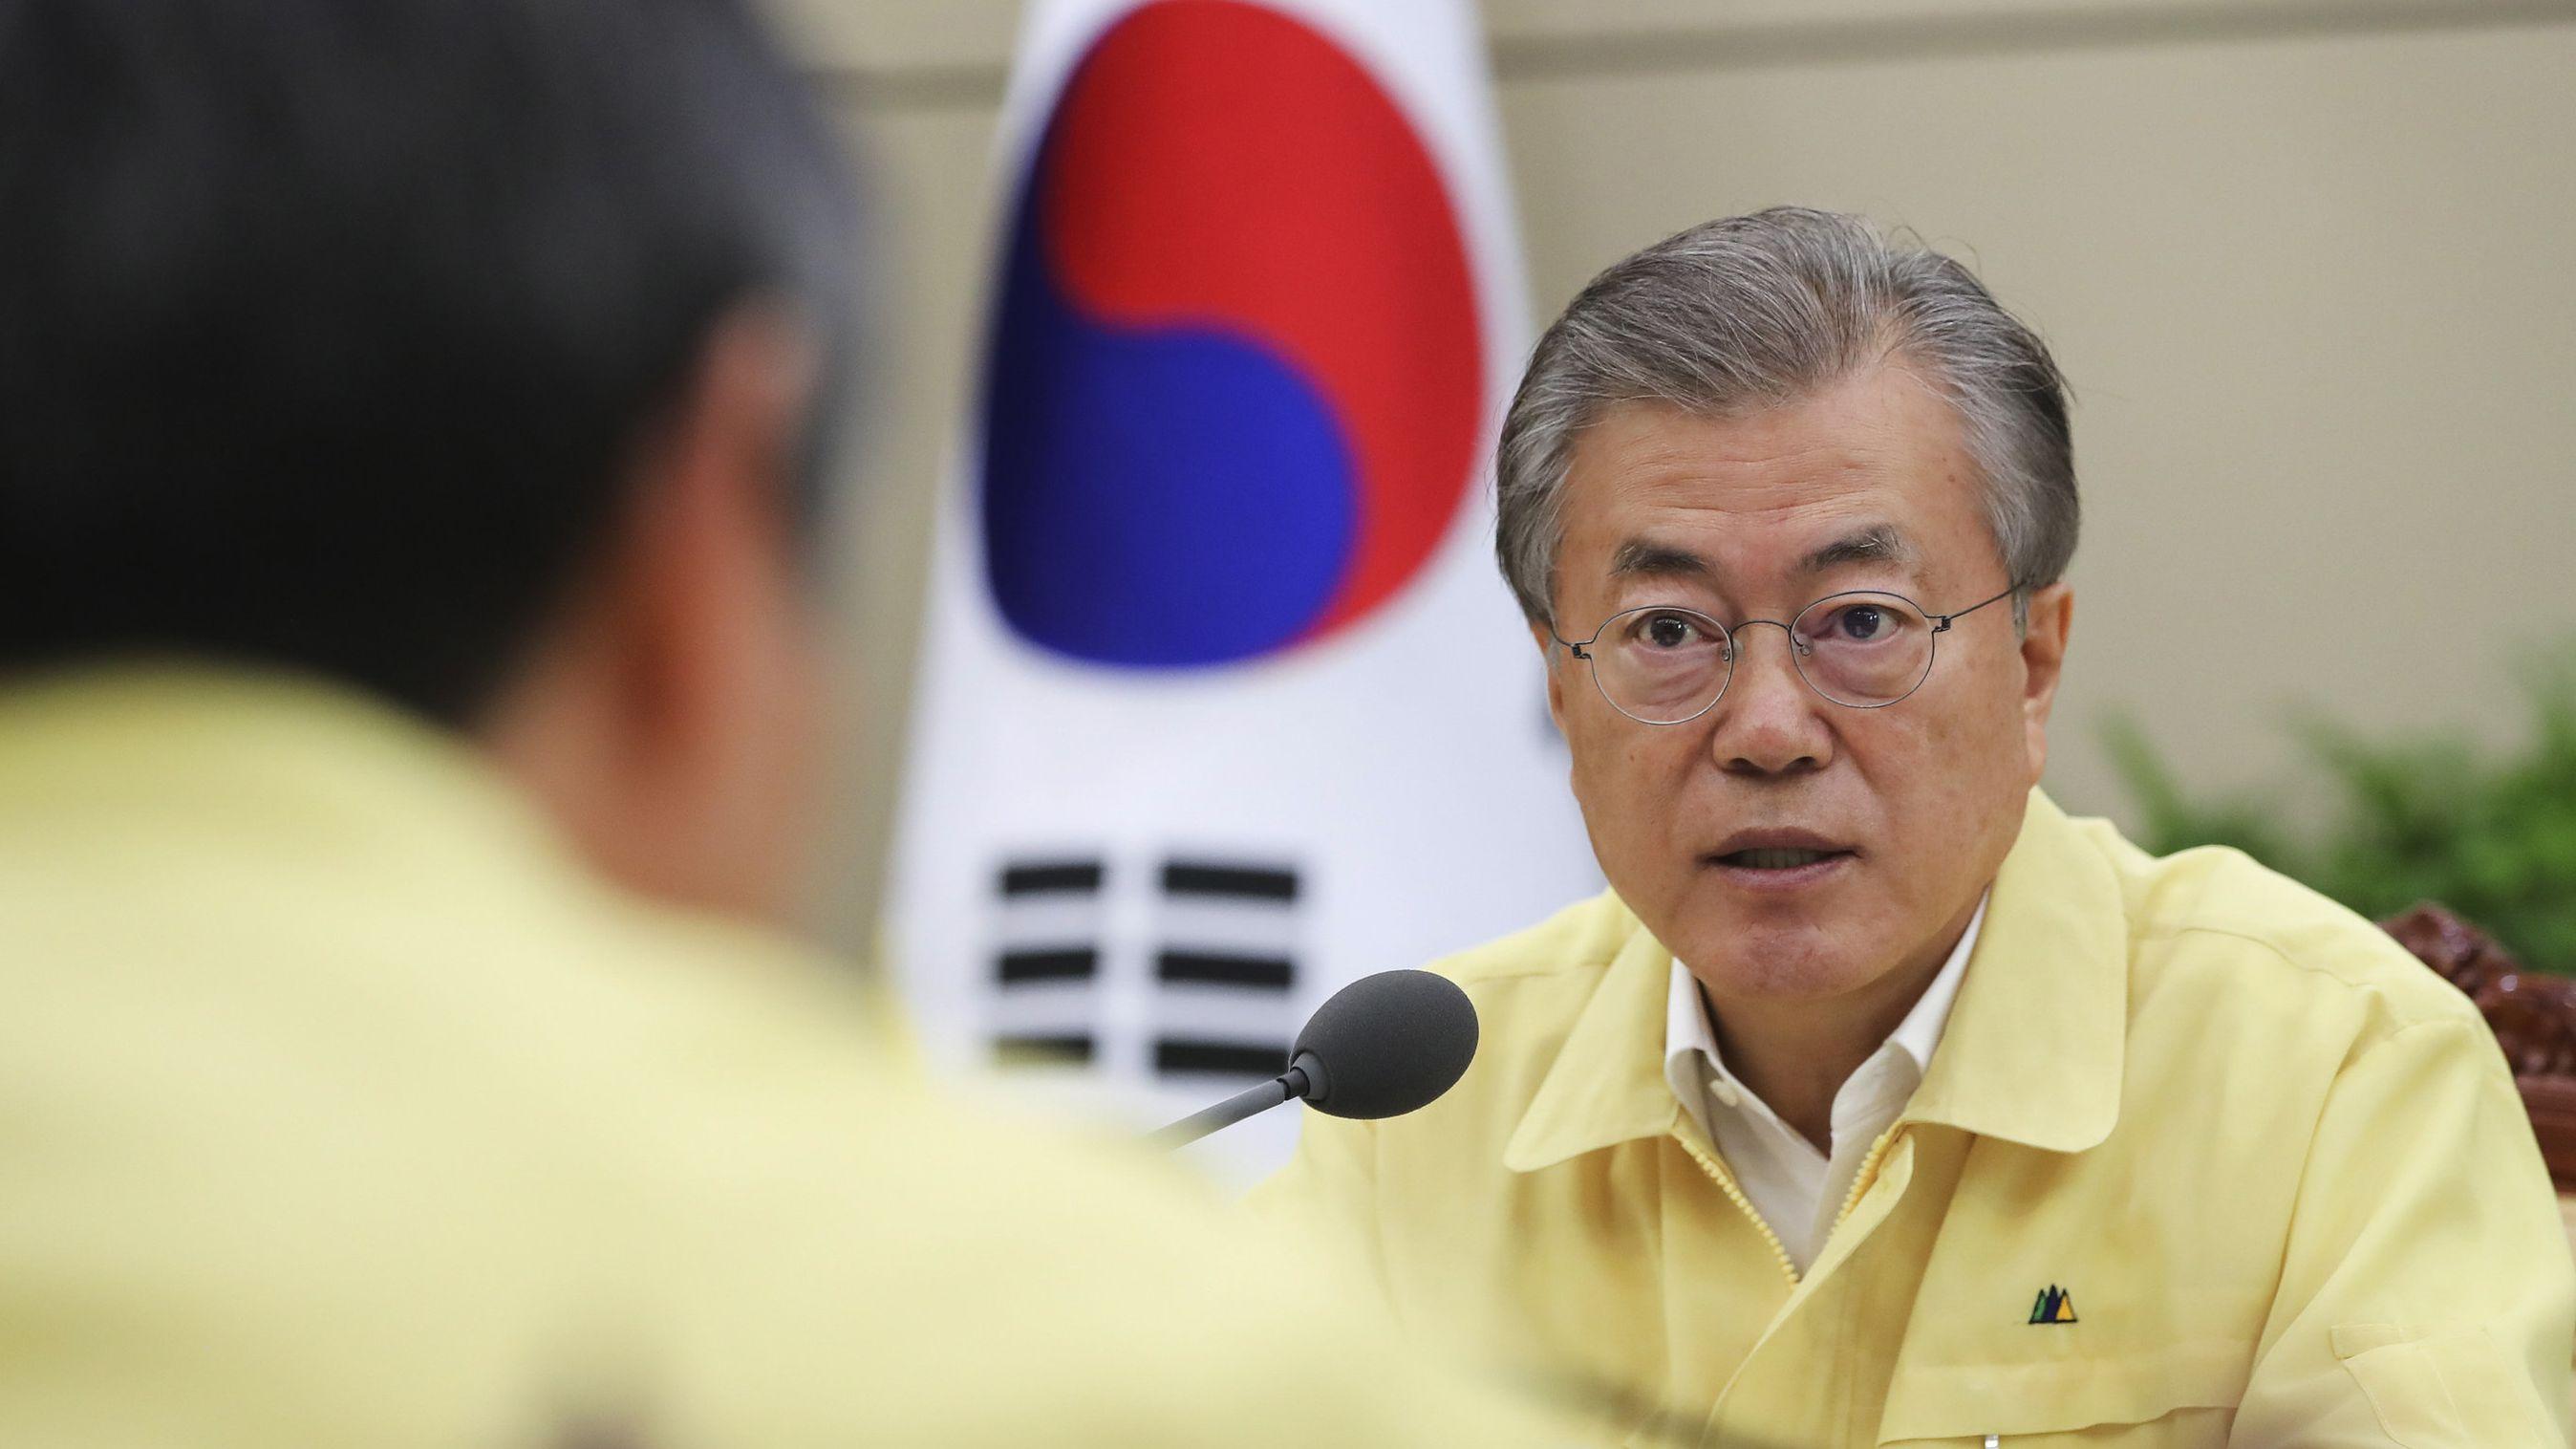 Südkoreas Präsident Moon Jae In verspricht schnelle Hilfe